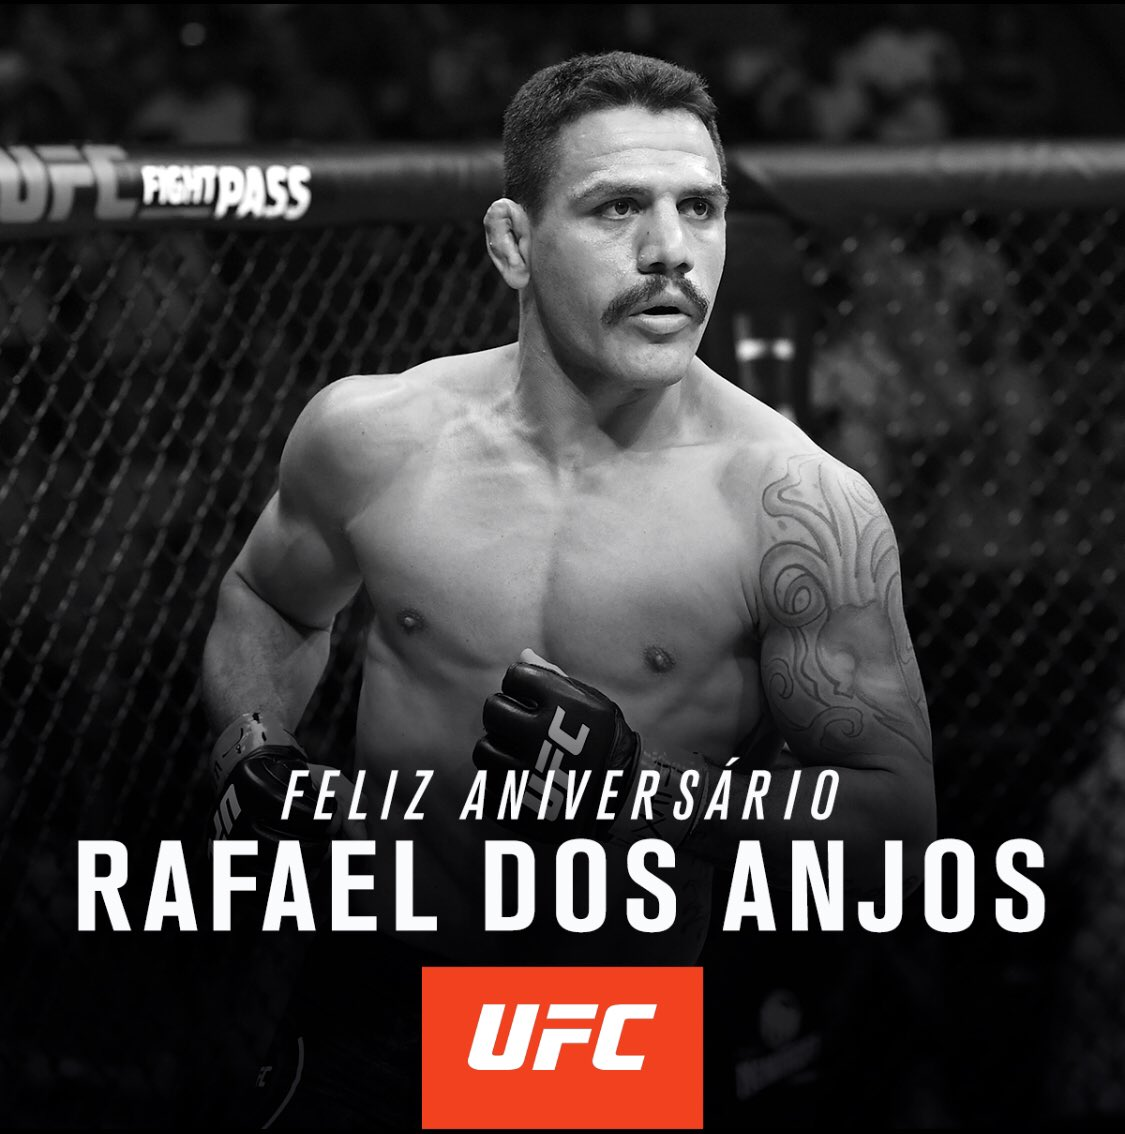 Hoje é dia de parabenizar o ex-campeão @RdosAnjosMMA ! Tudo de melhor sempre, que venham muitas lutas no Octógono